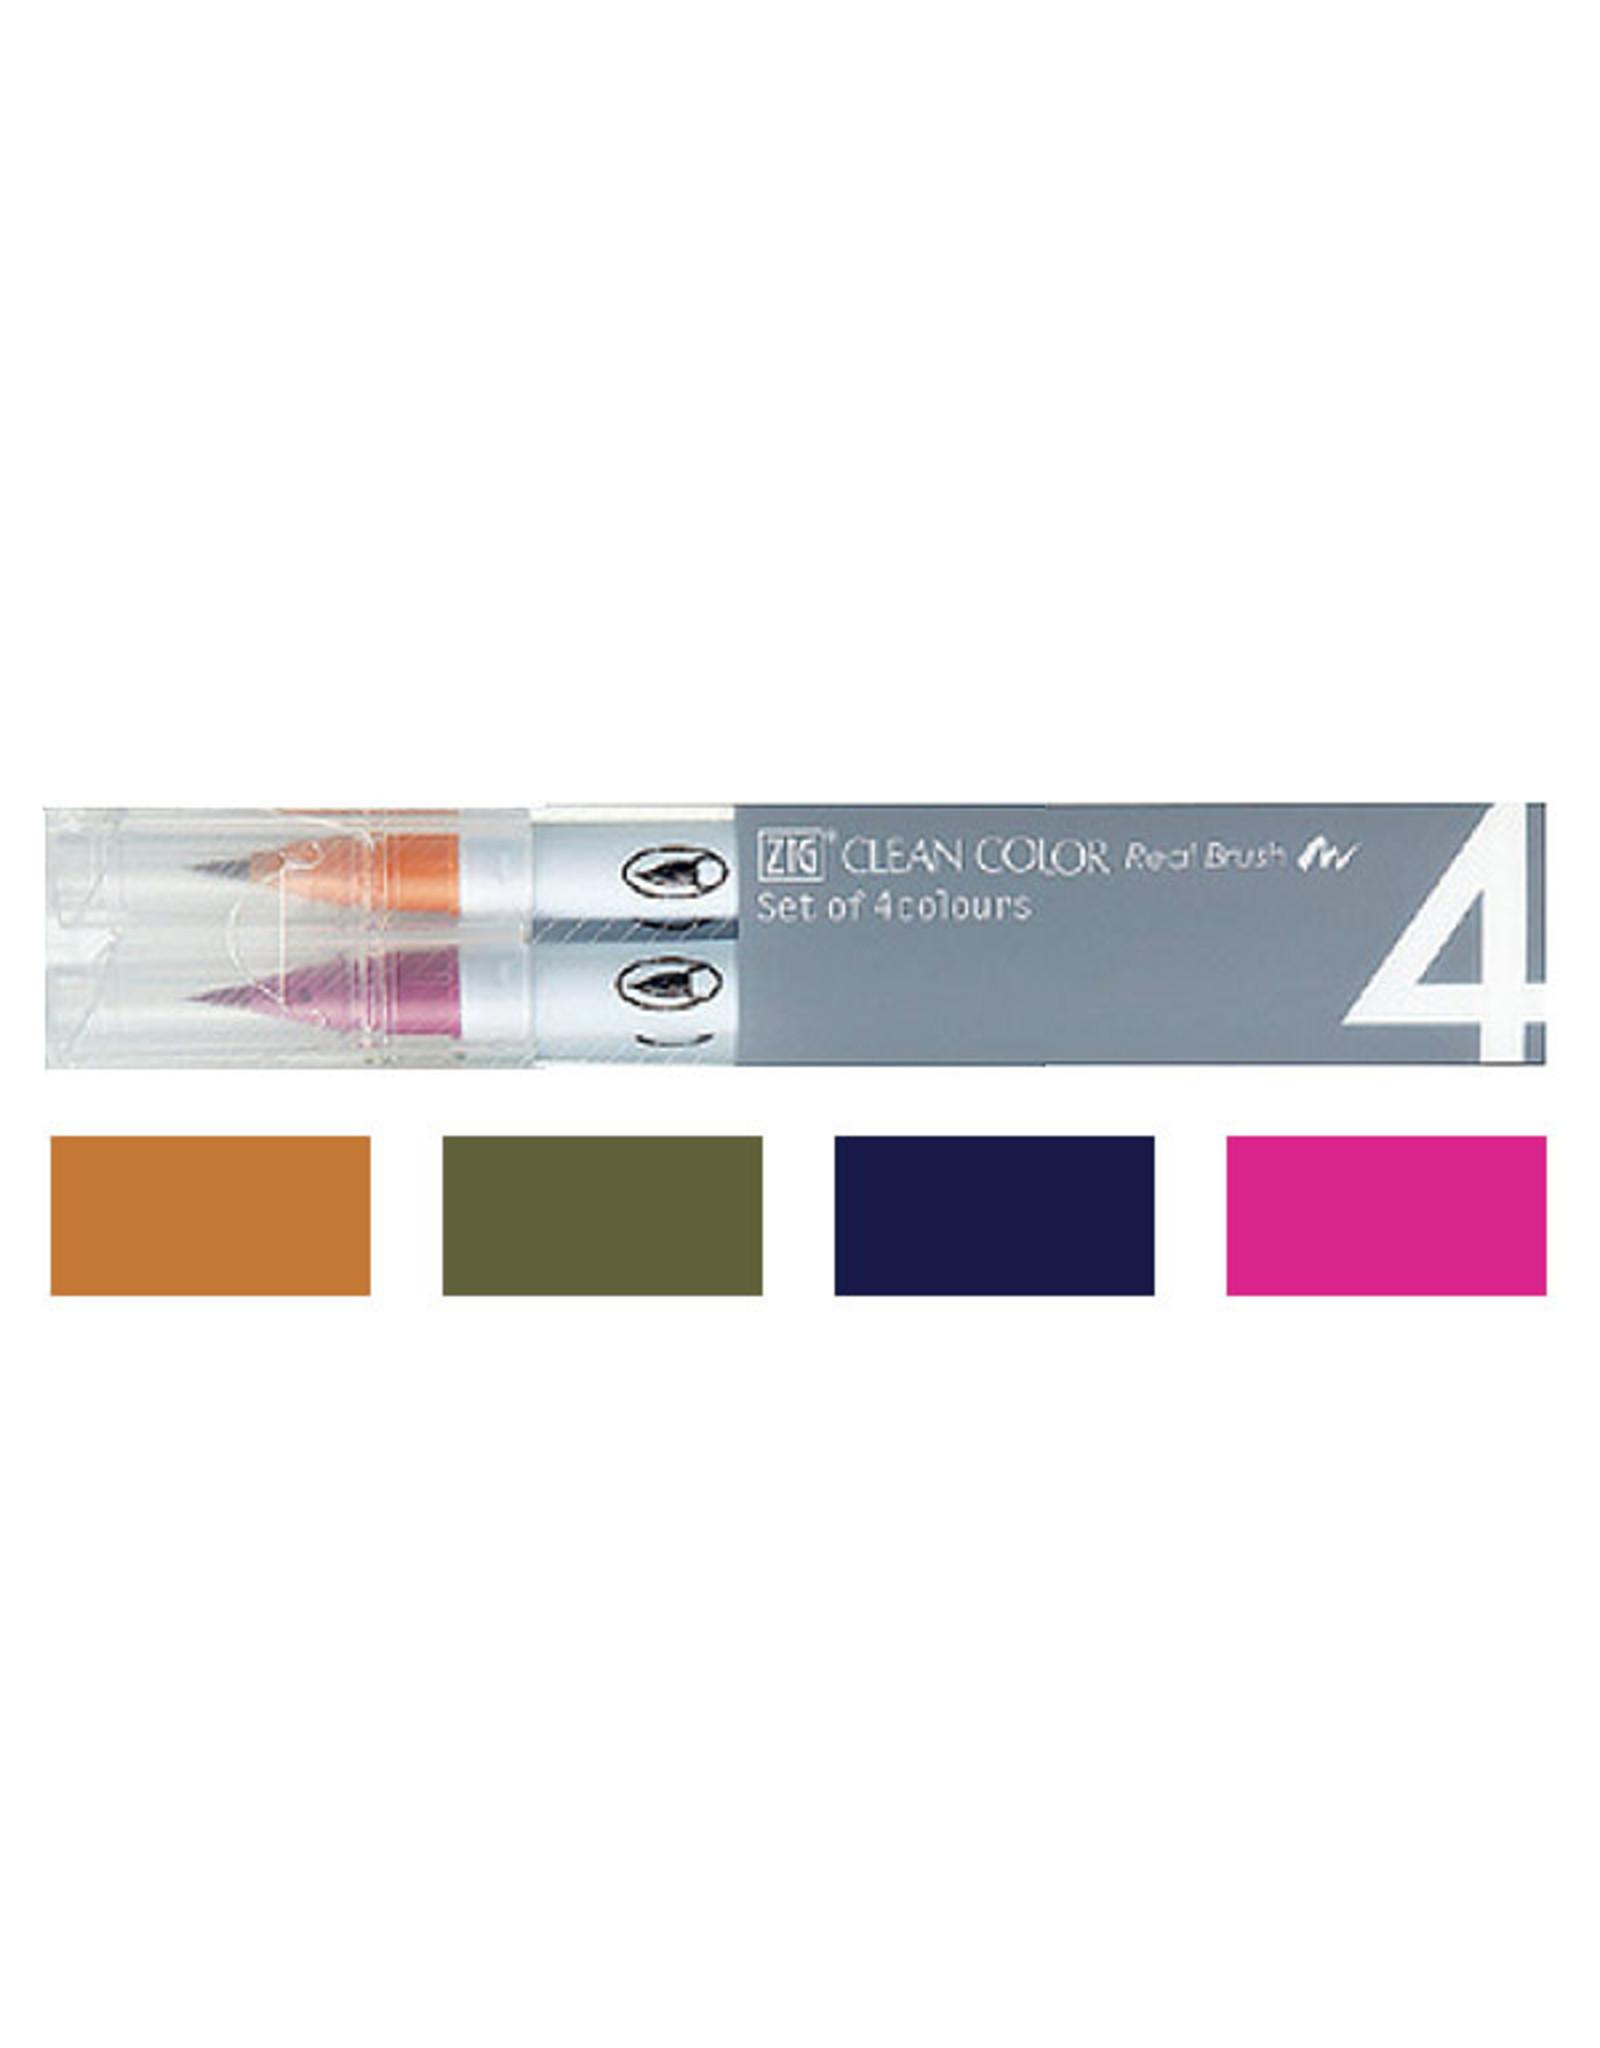 Kuretake Co., Ltd. ZIG CLEAN COLOR REAL BRUSH 4V DEEP COLOR